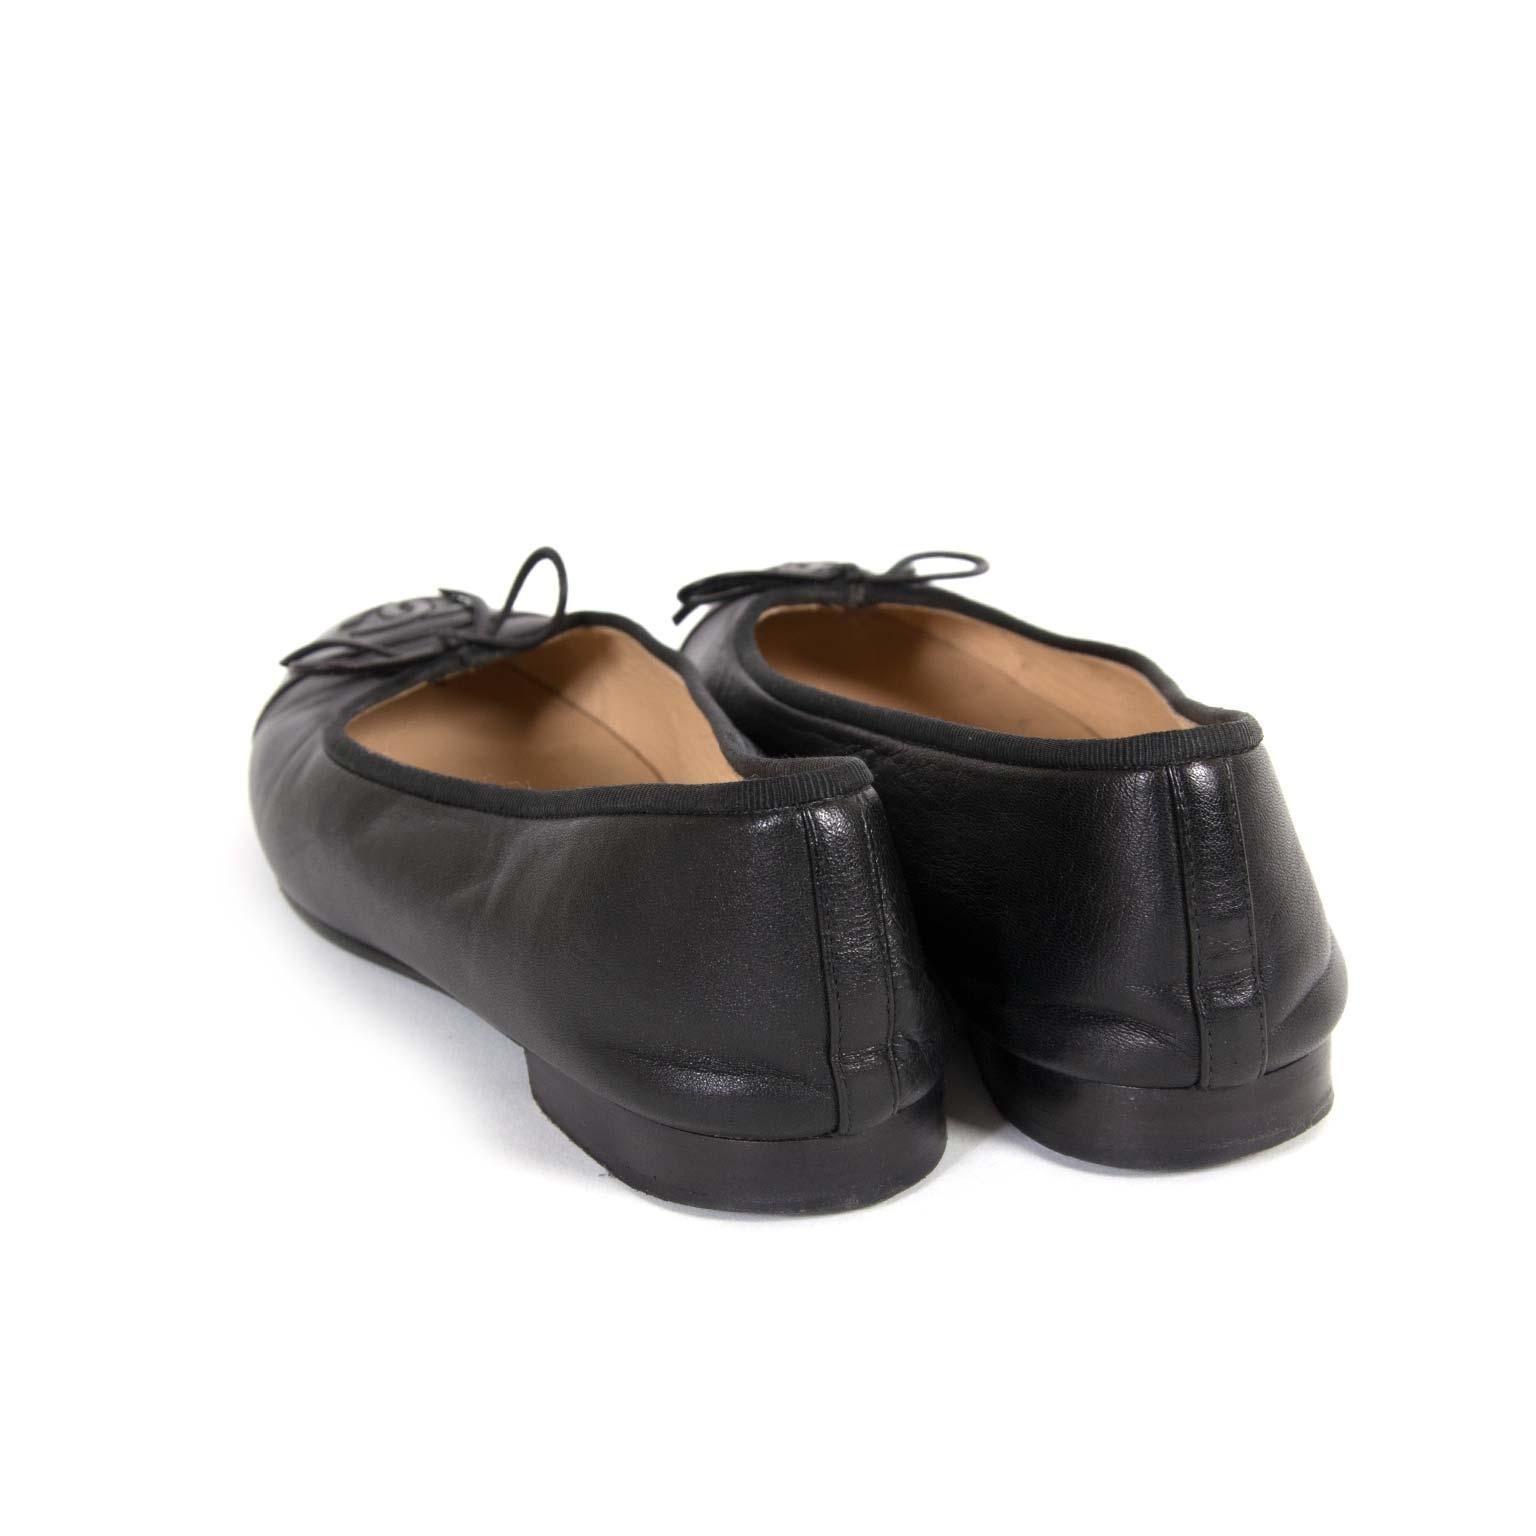 koop Chanel Black Cap Toe Flats - Size 39 bij labellov aan de beste prijs